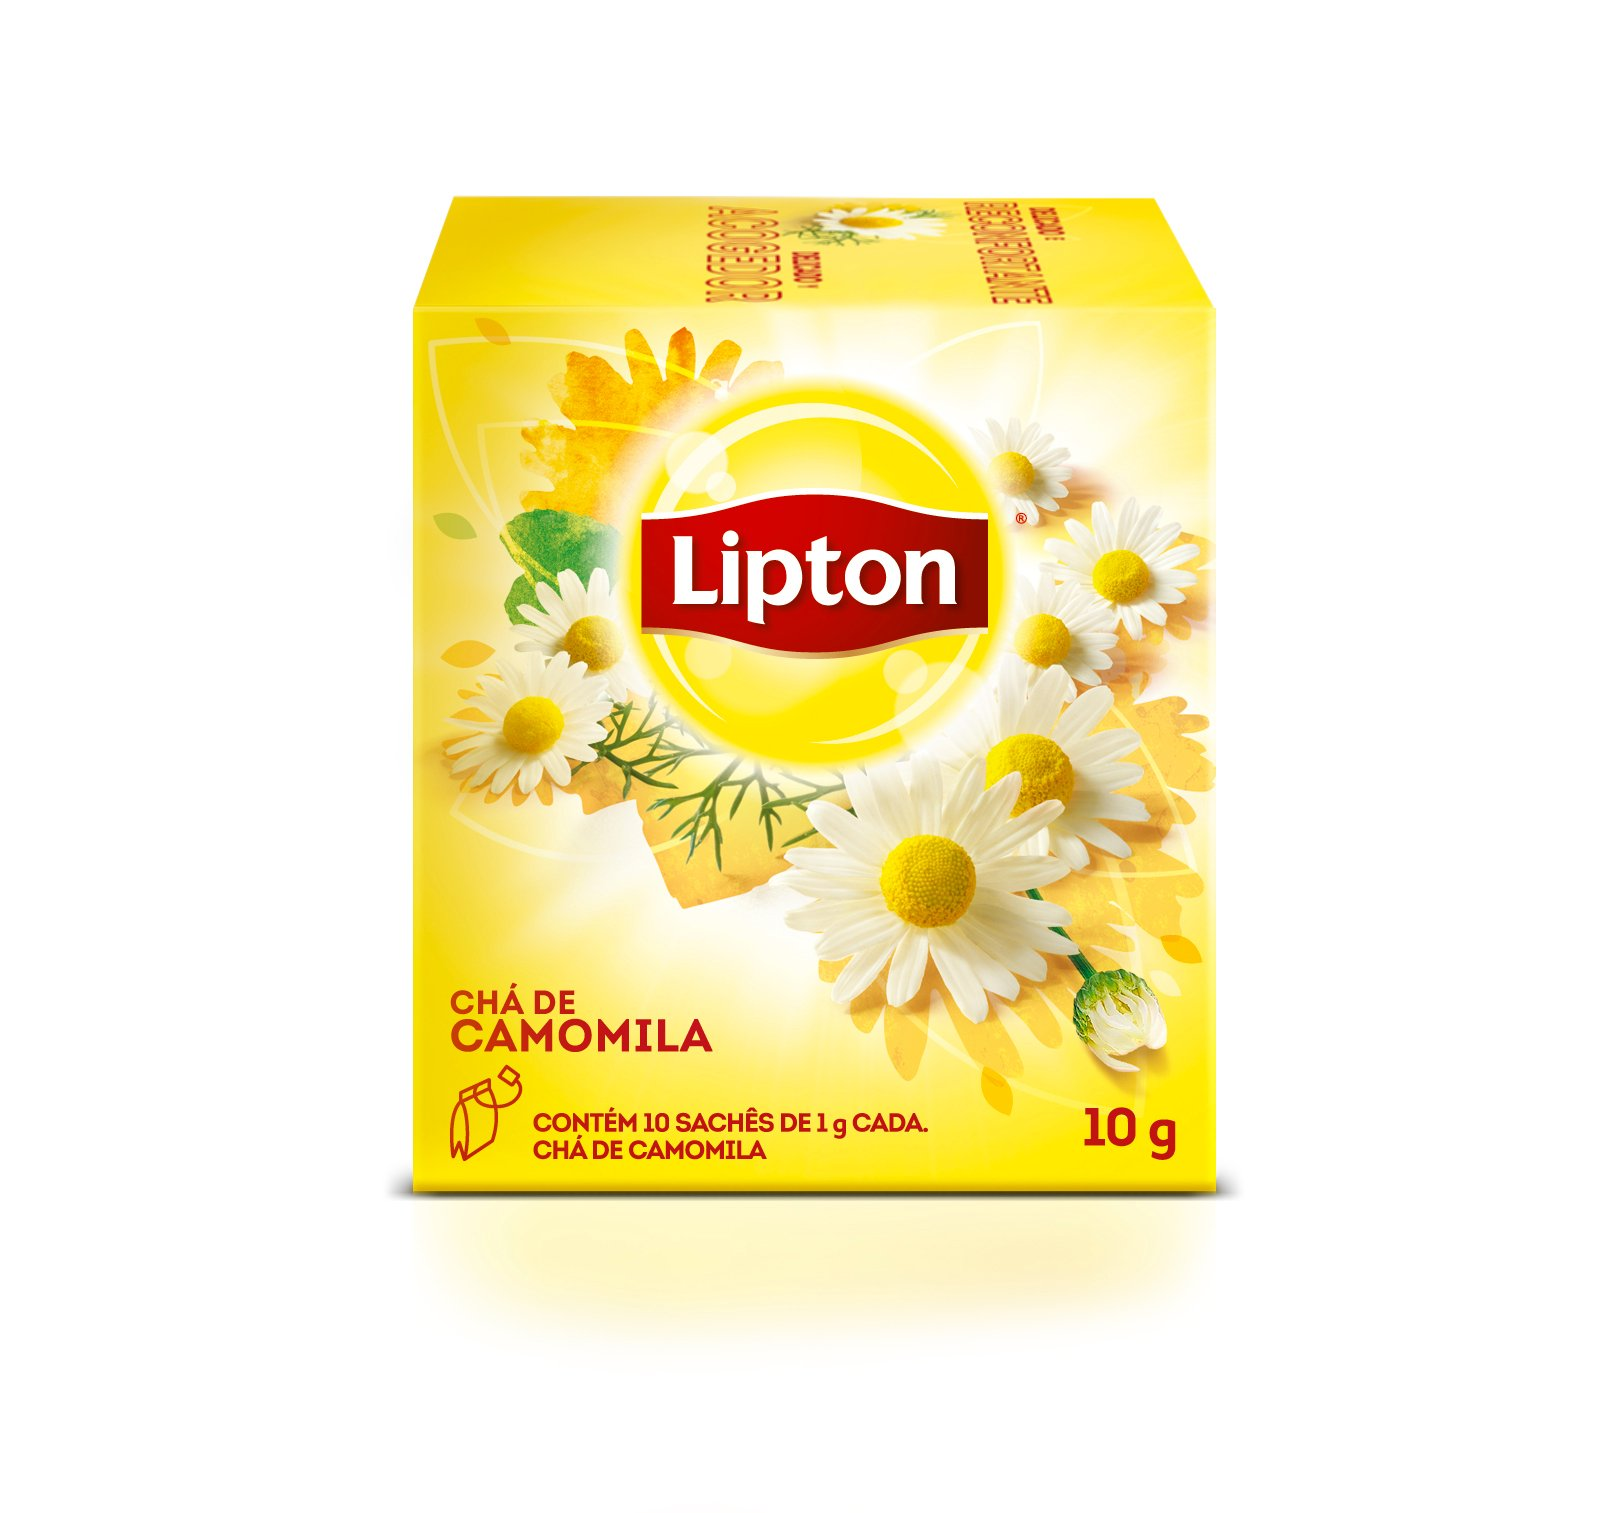 Chá Lipton - Camomila